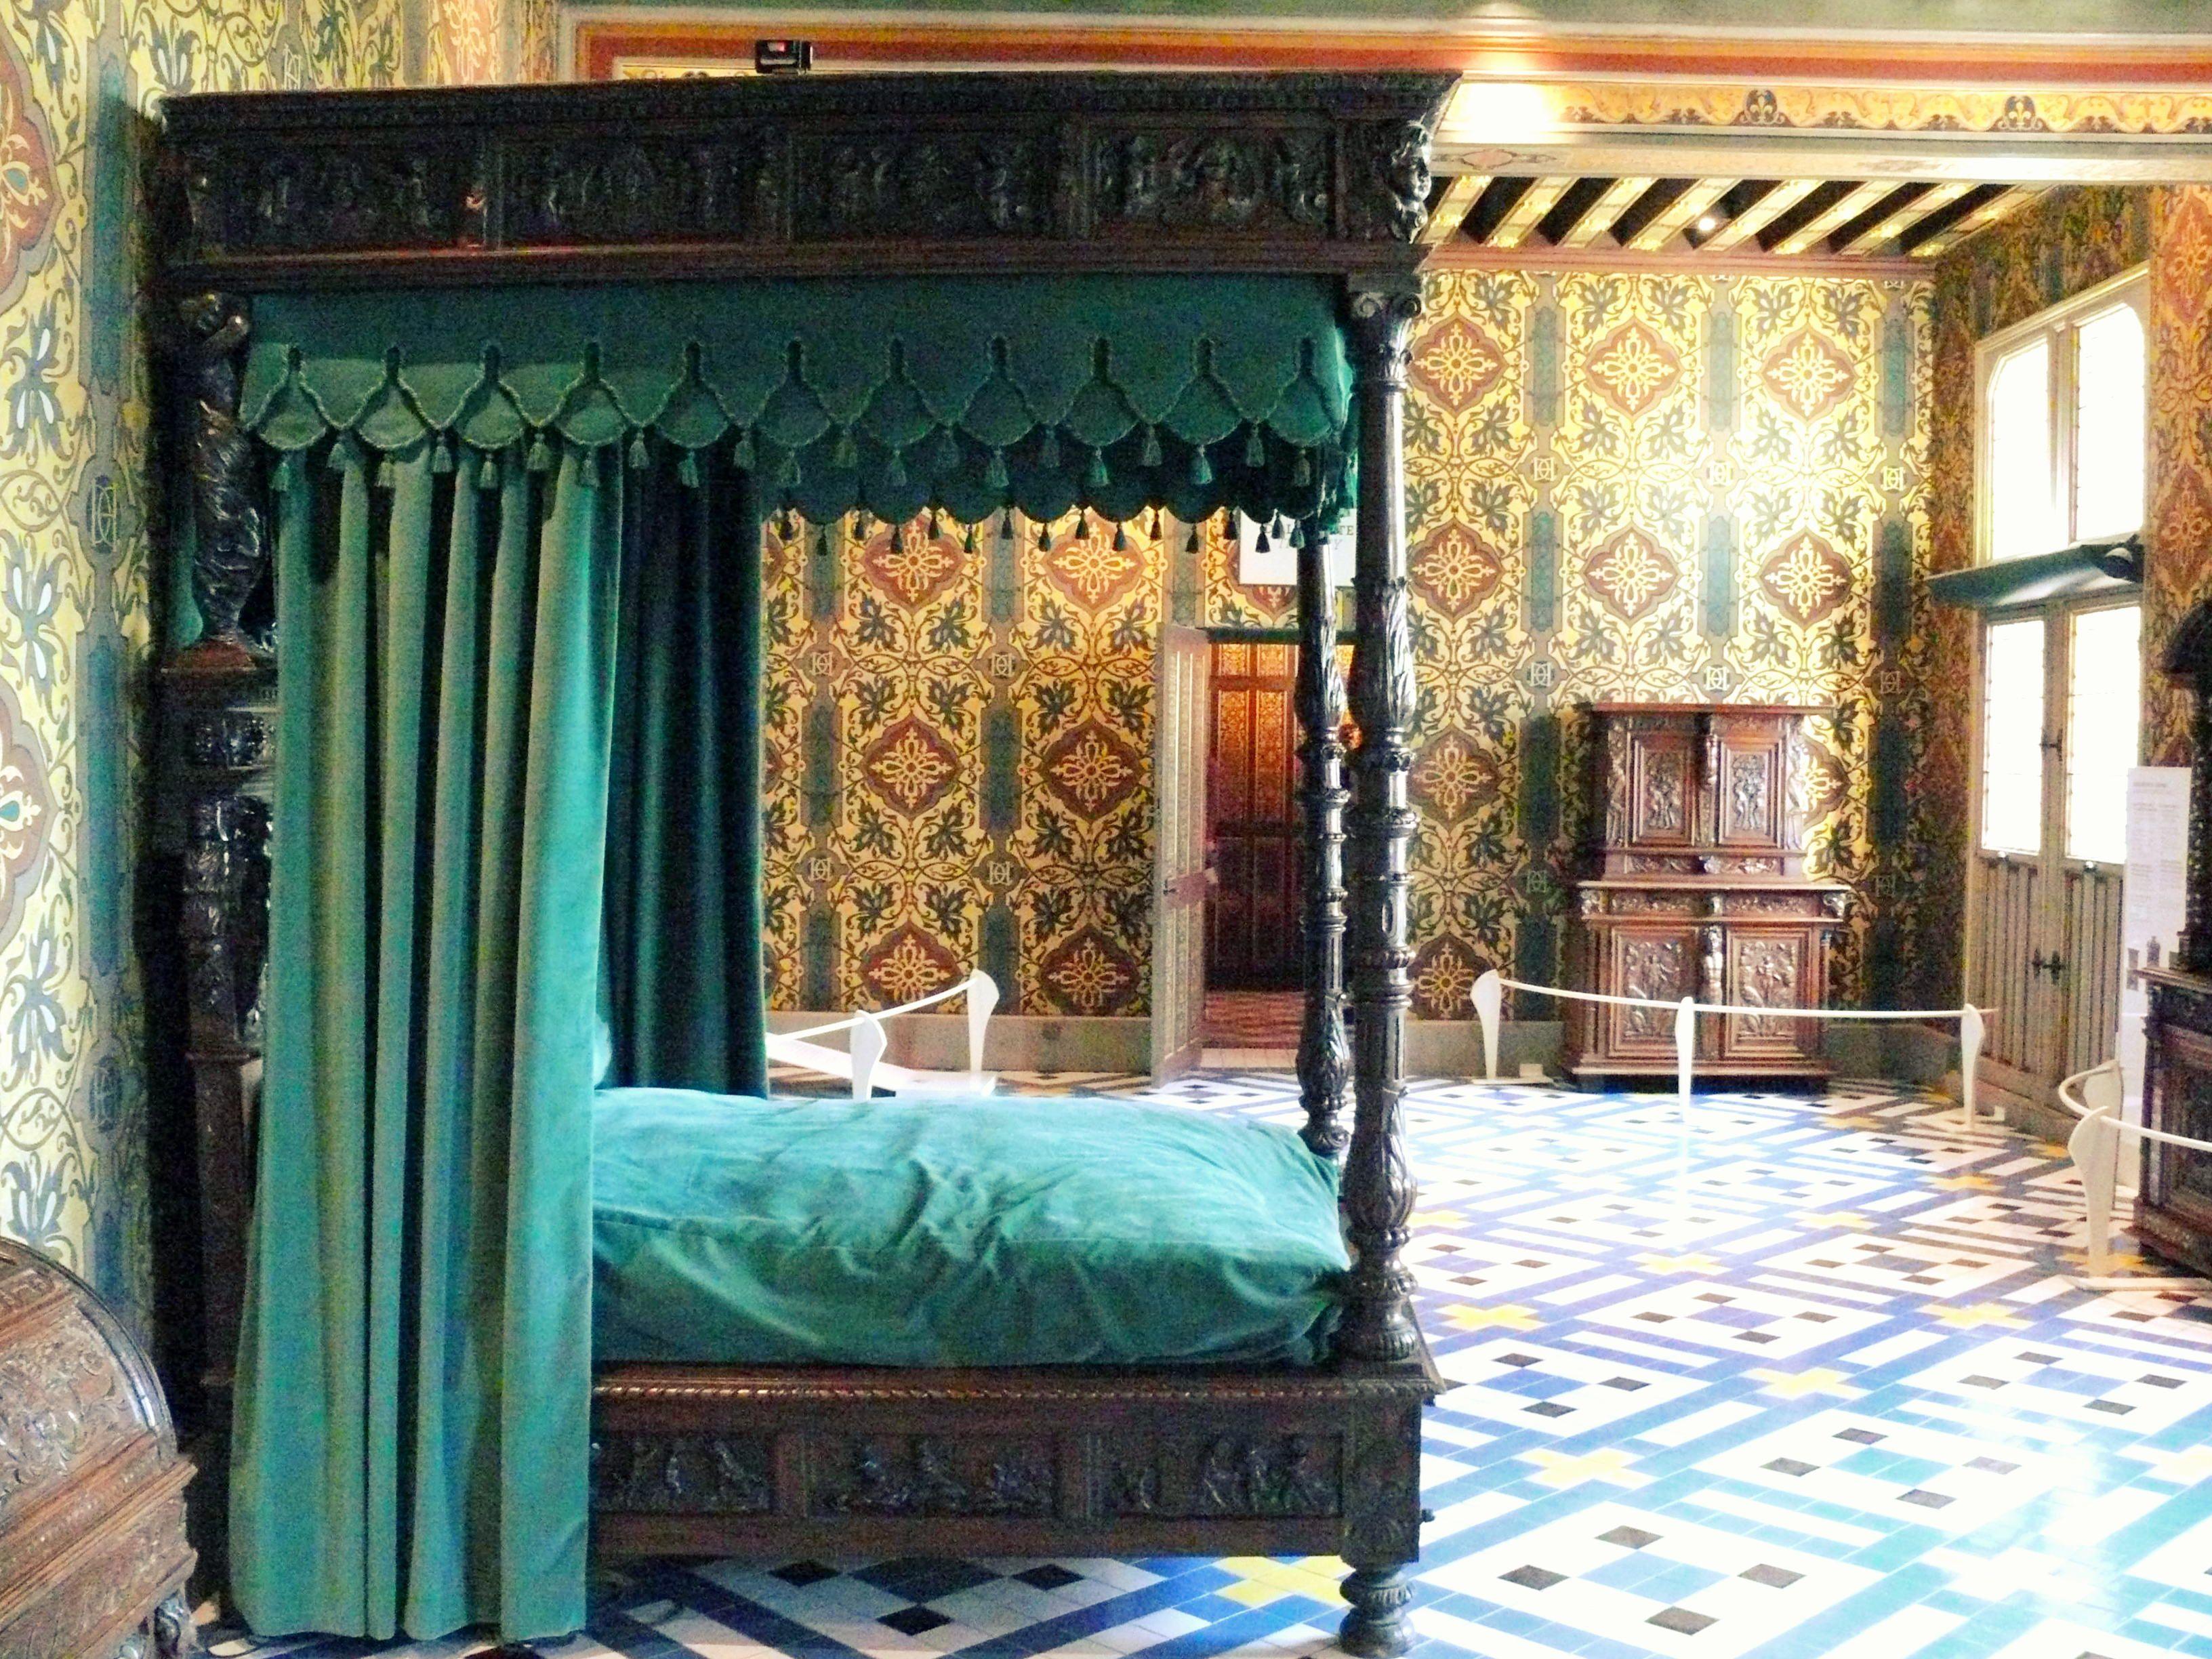 Delicieux Style At A Glance: Renaissance   Lu0027 Essenziale